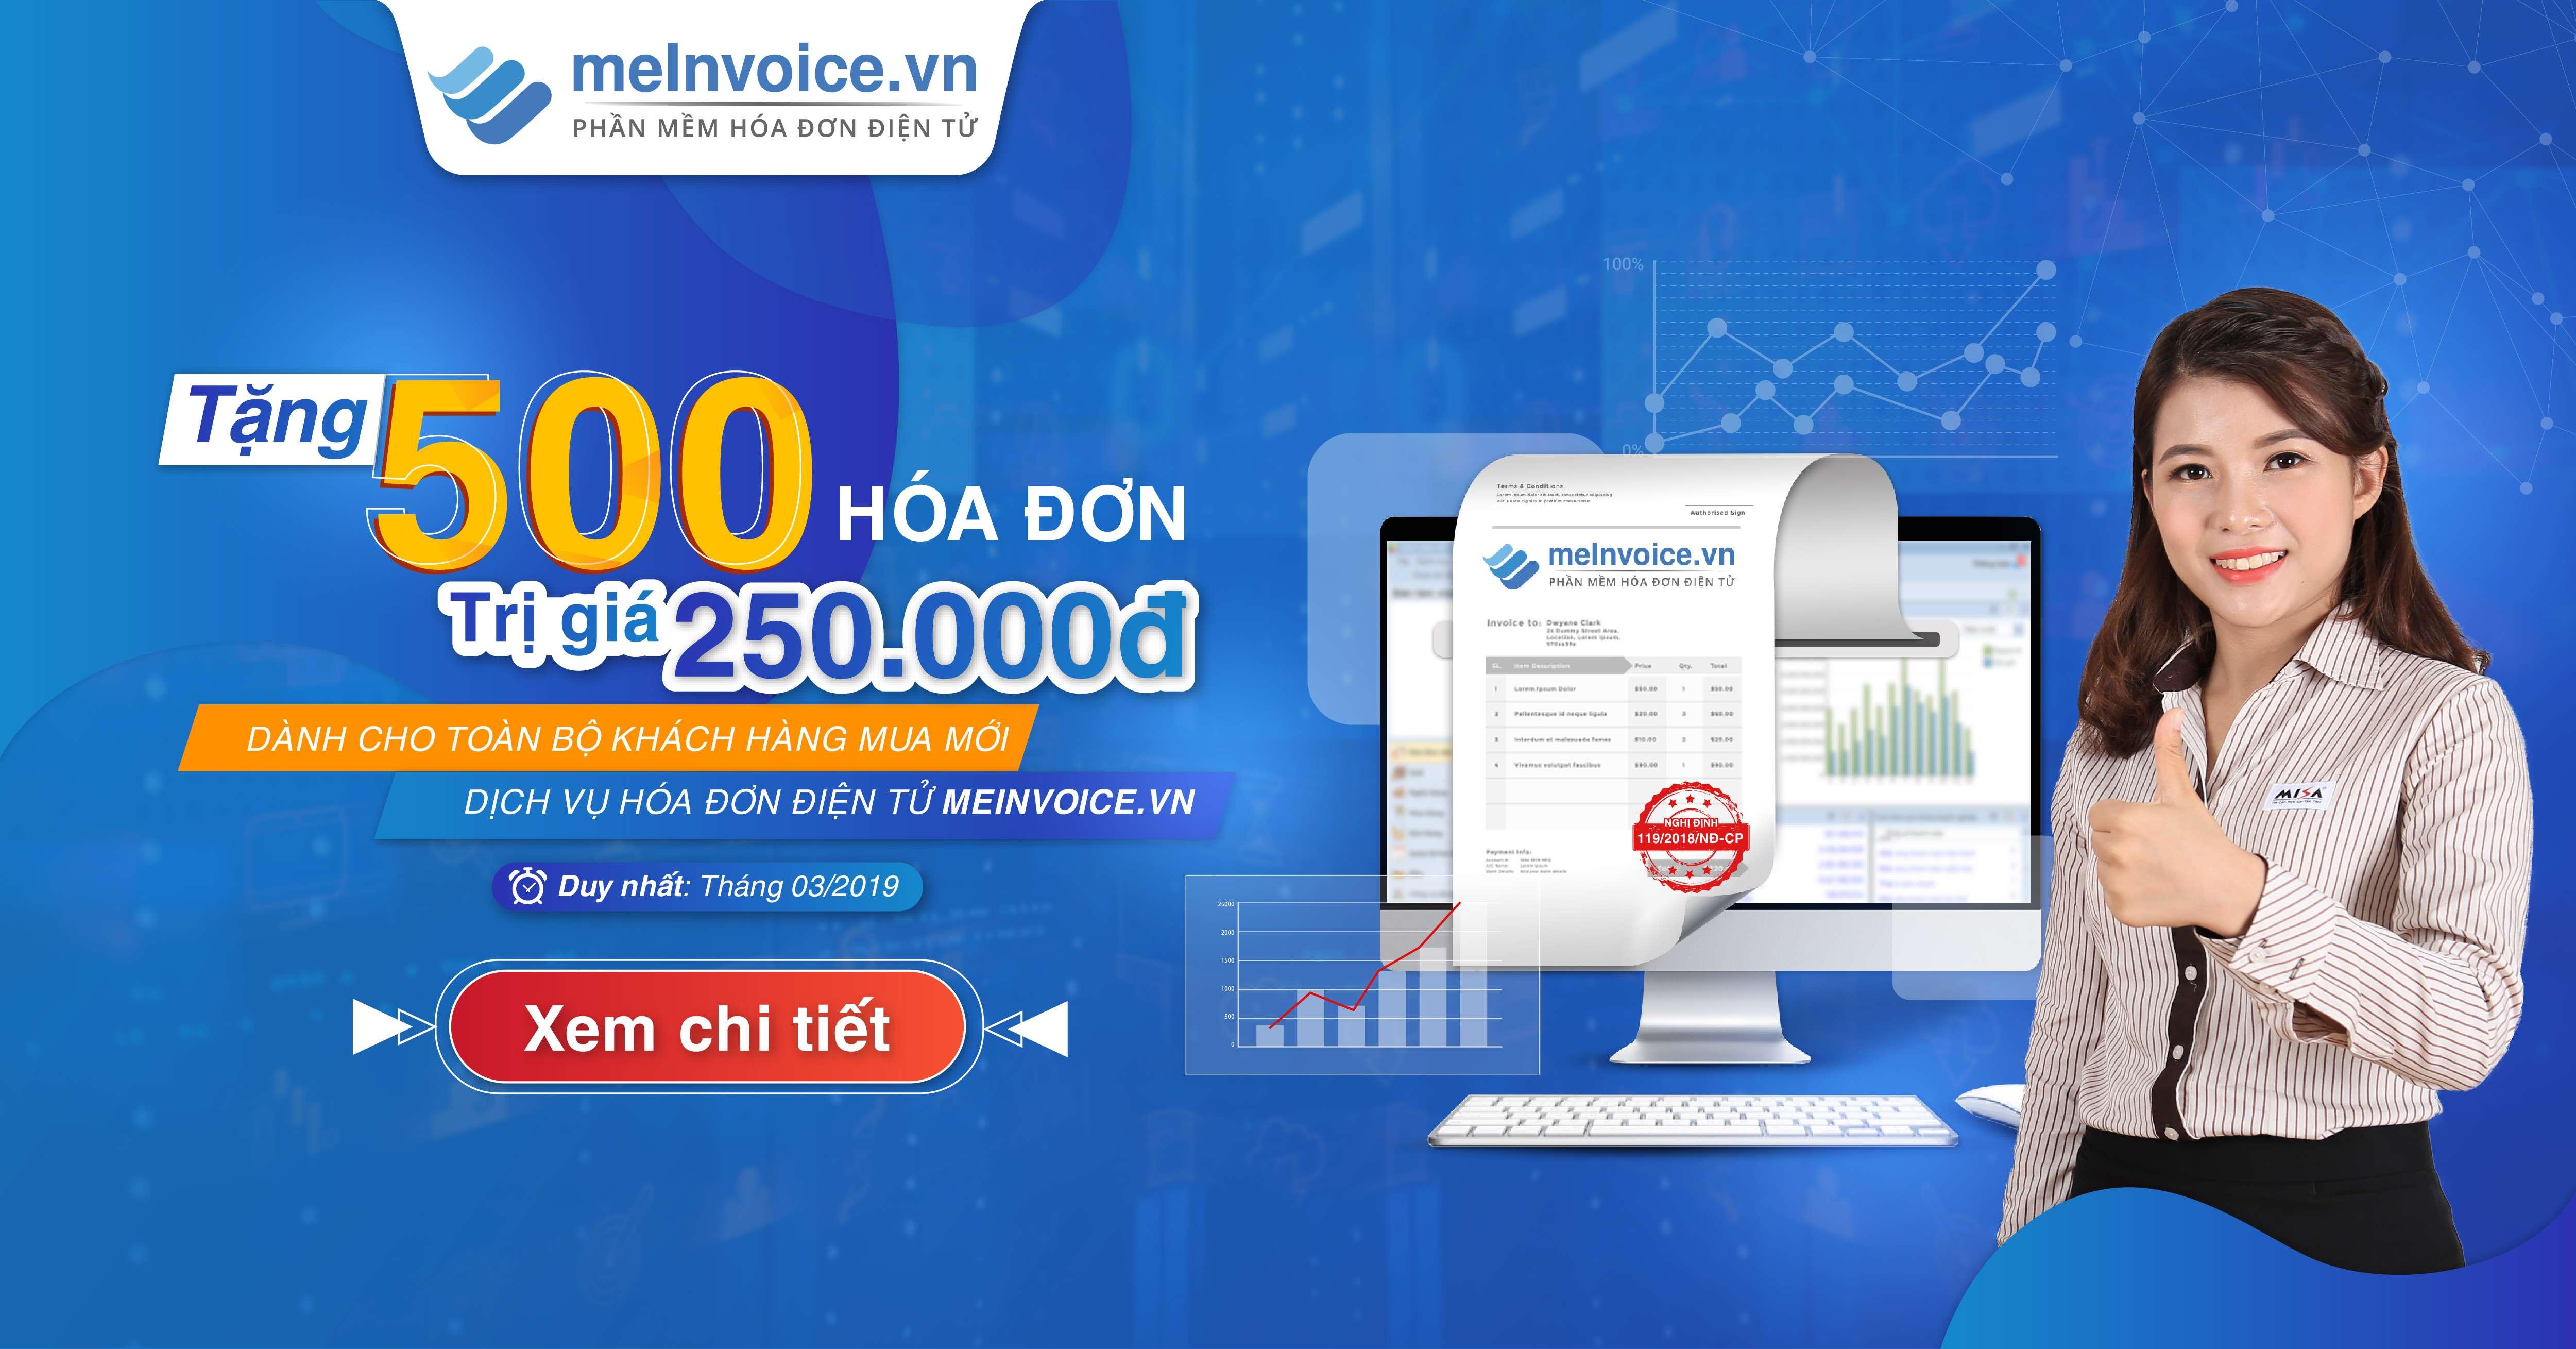 MISA tặng MIỄN PHÍ 500 hóa đơn điện tử